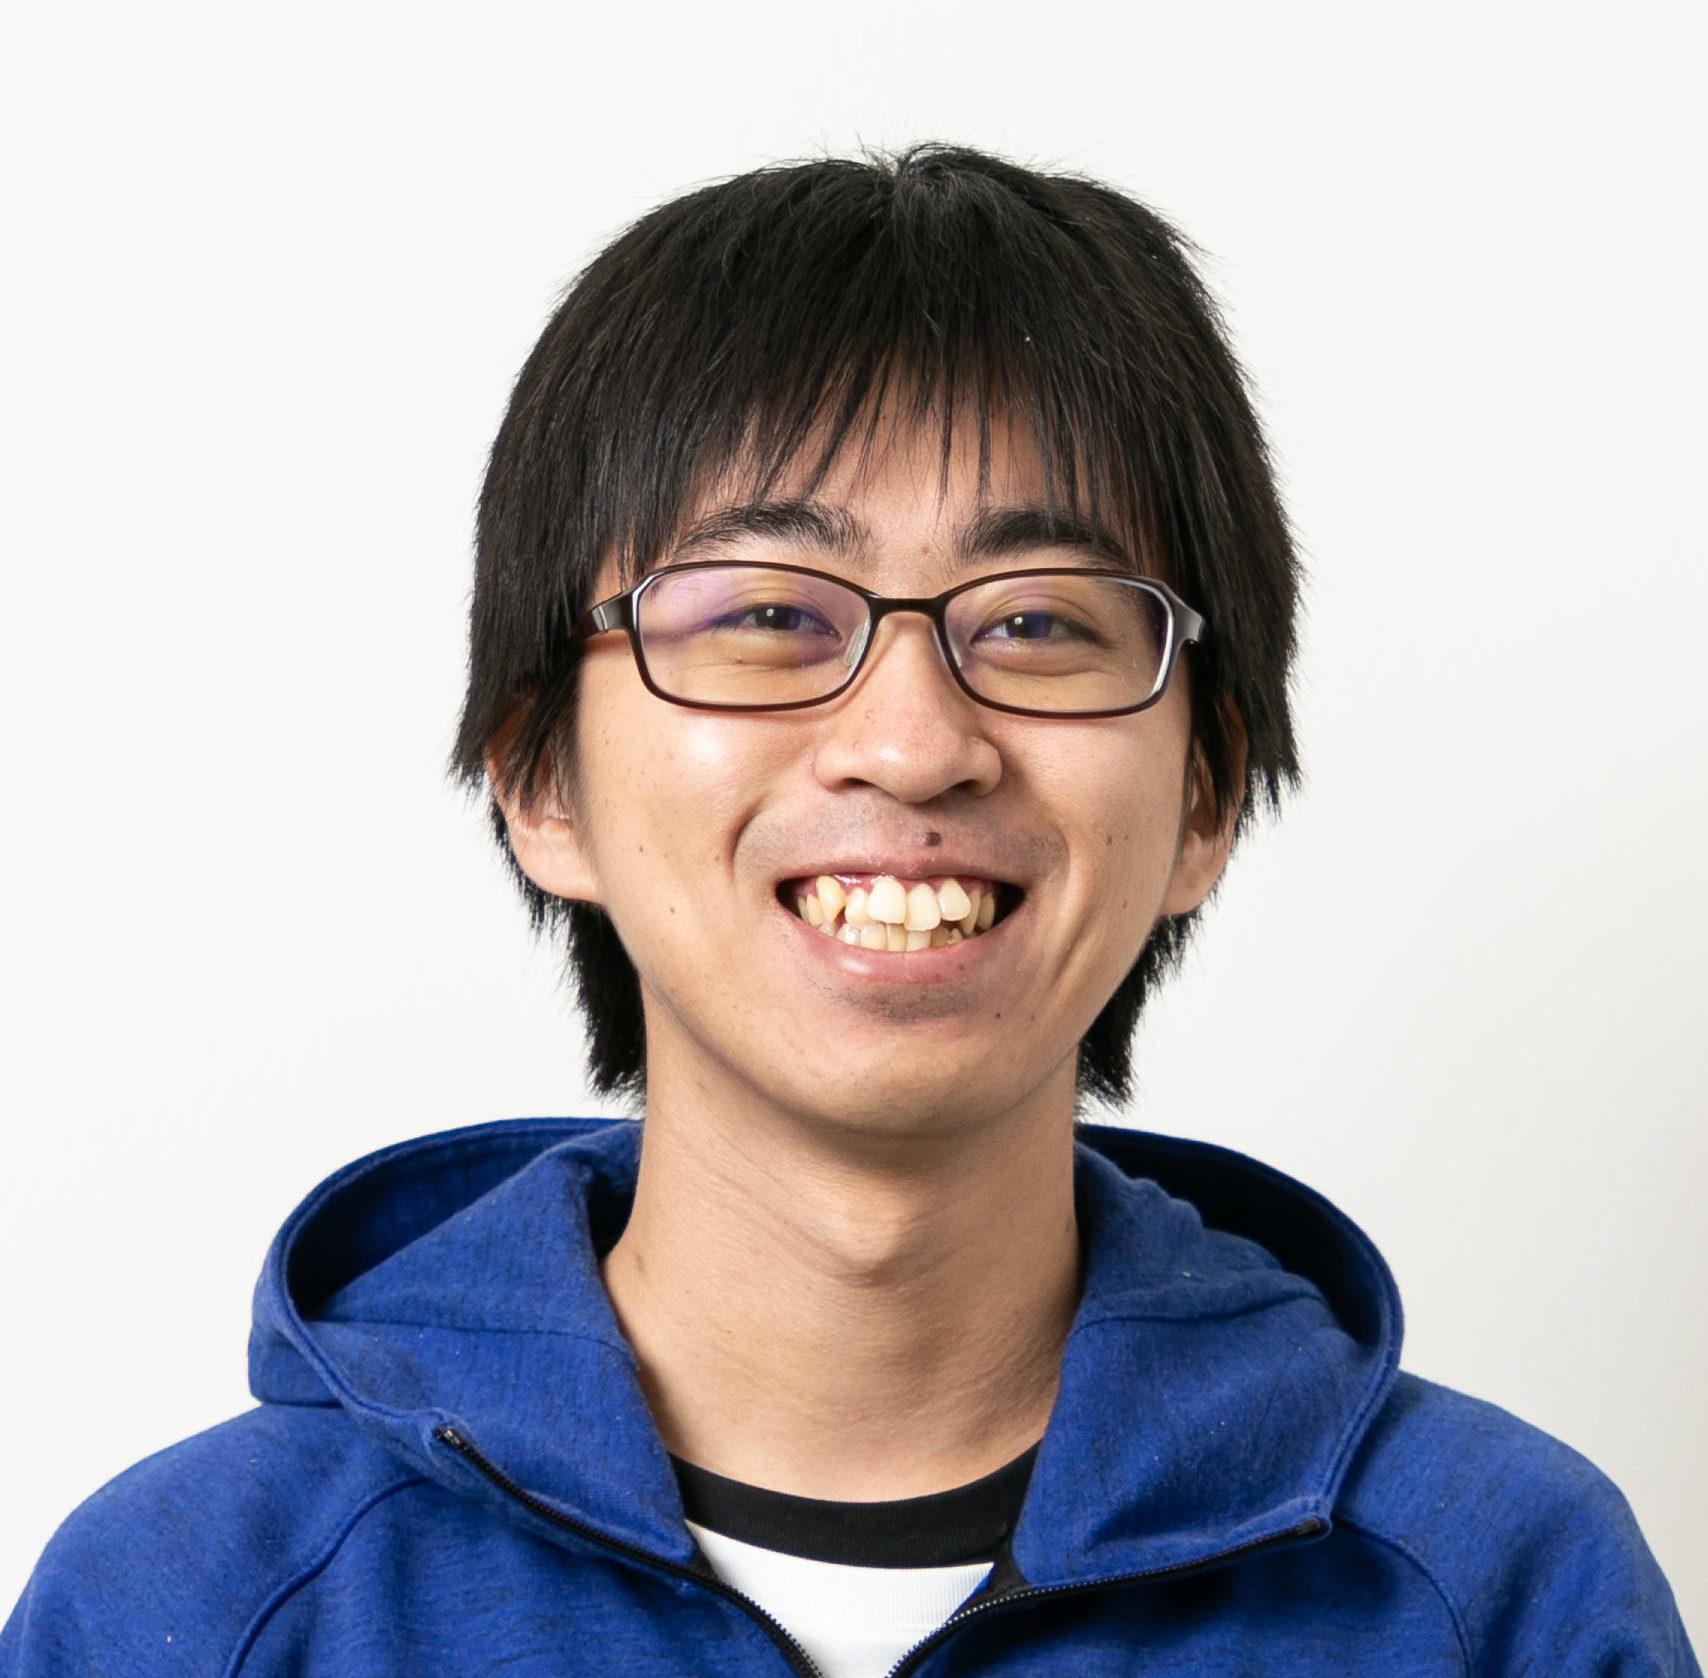 Yoshimasa.K